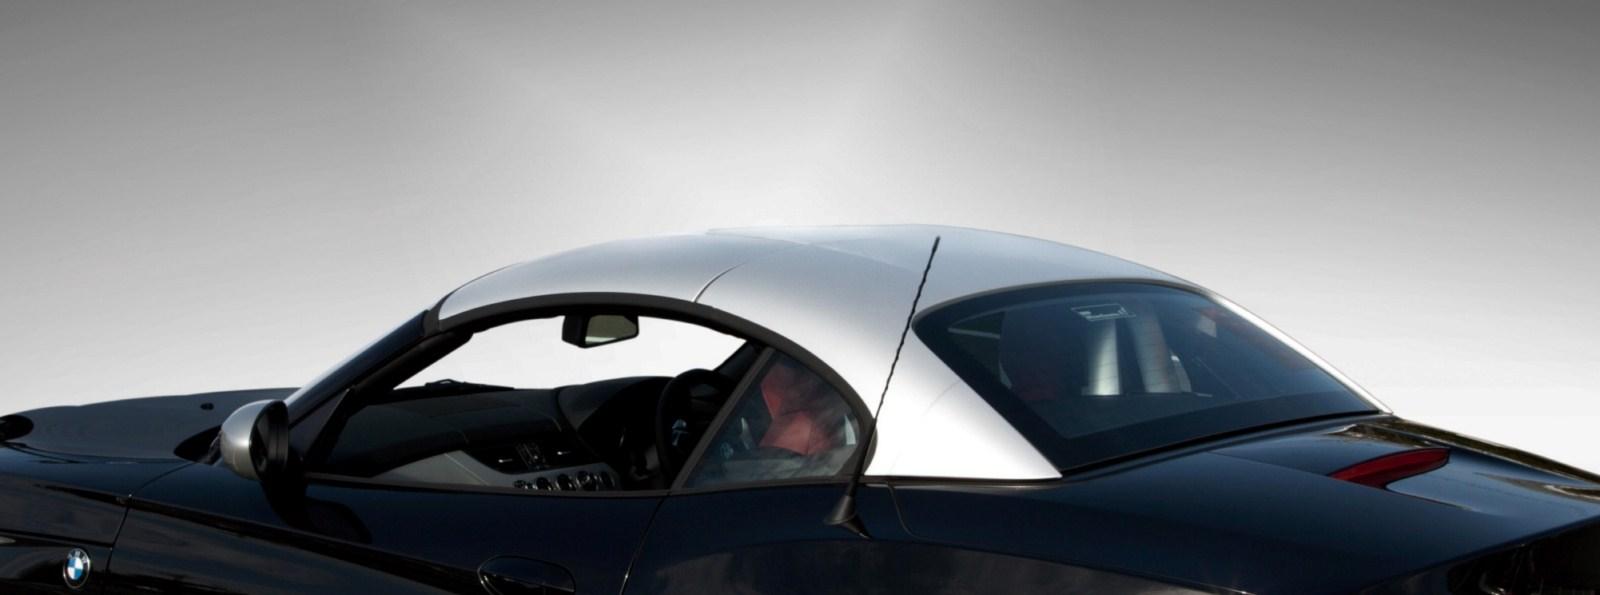 Exklusiv Fur Japan Die Bmw Z4 Roadster Silver Top Edition